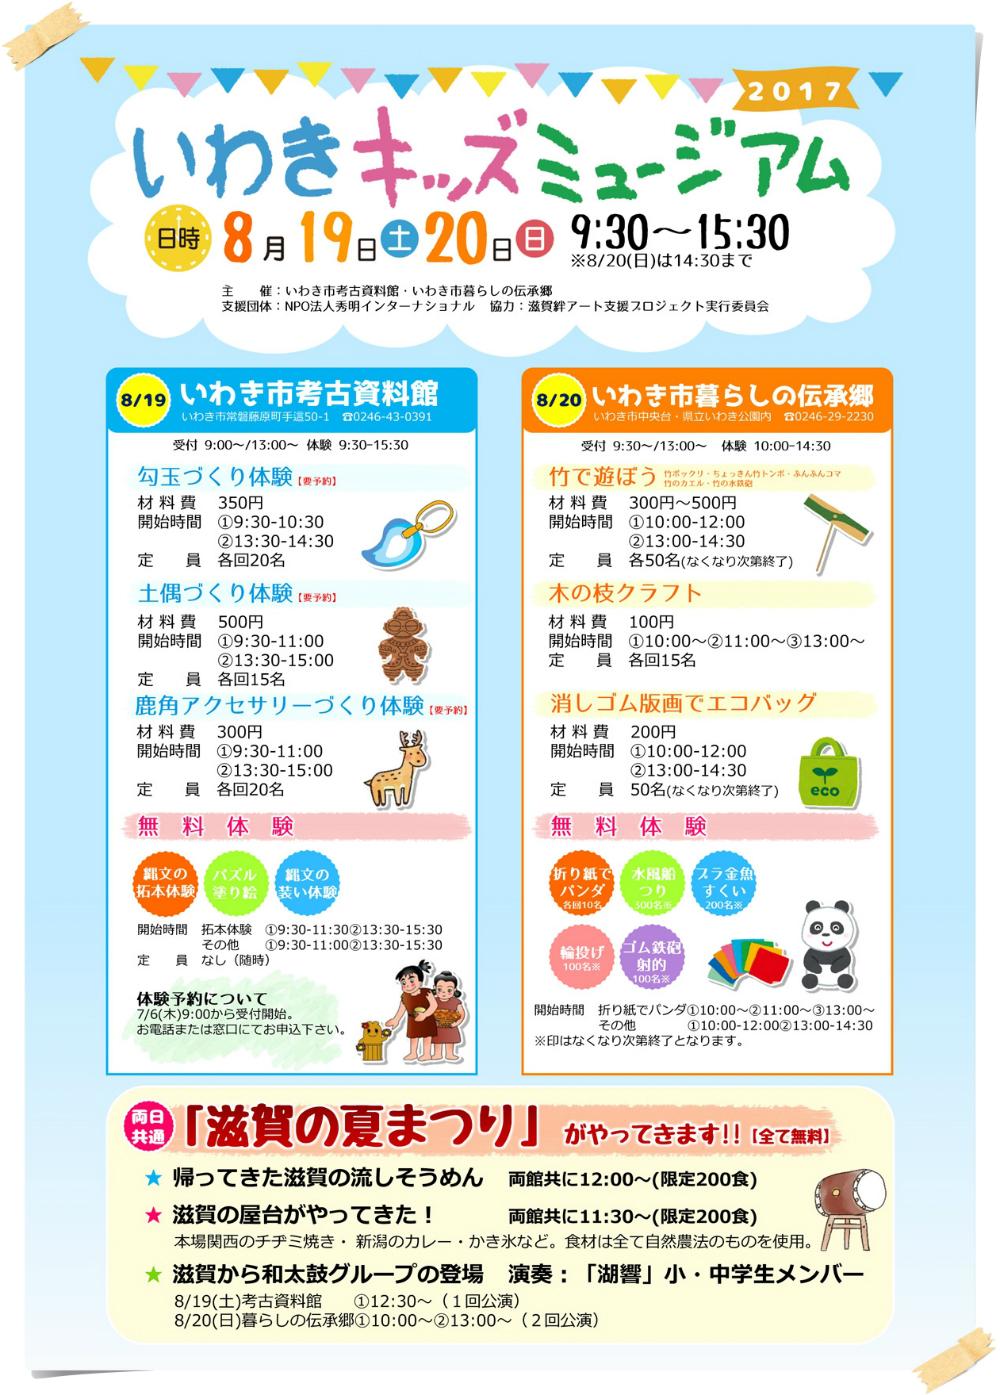 「いわきキッズミュージアム2017」8月19・20日に開催! [平成29年8月12日(土)更新]